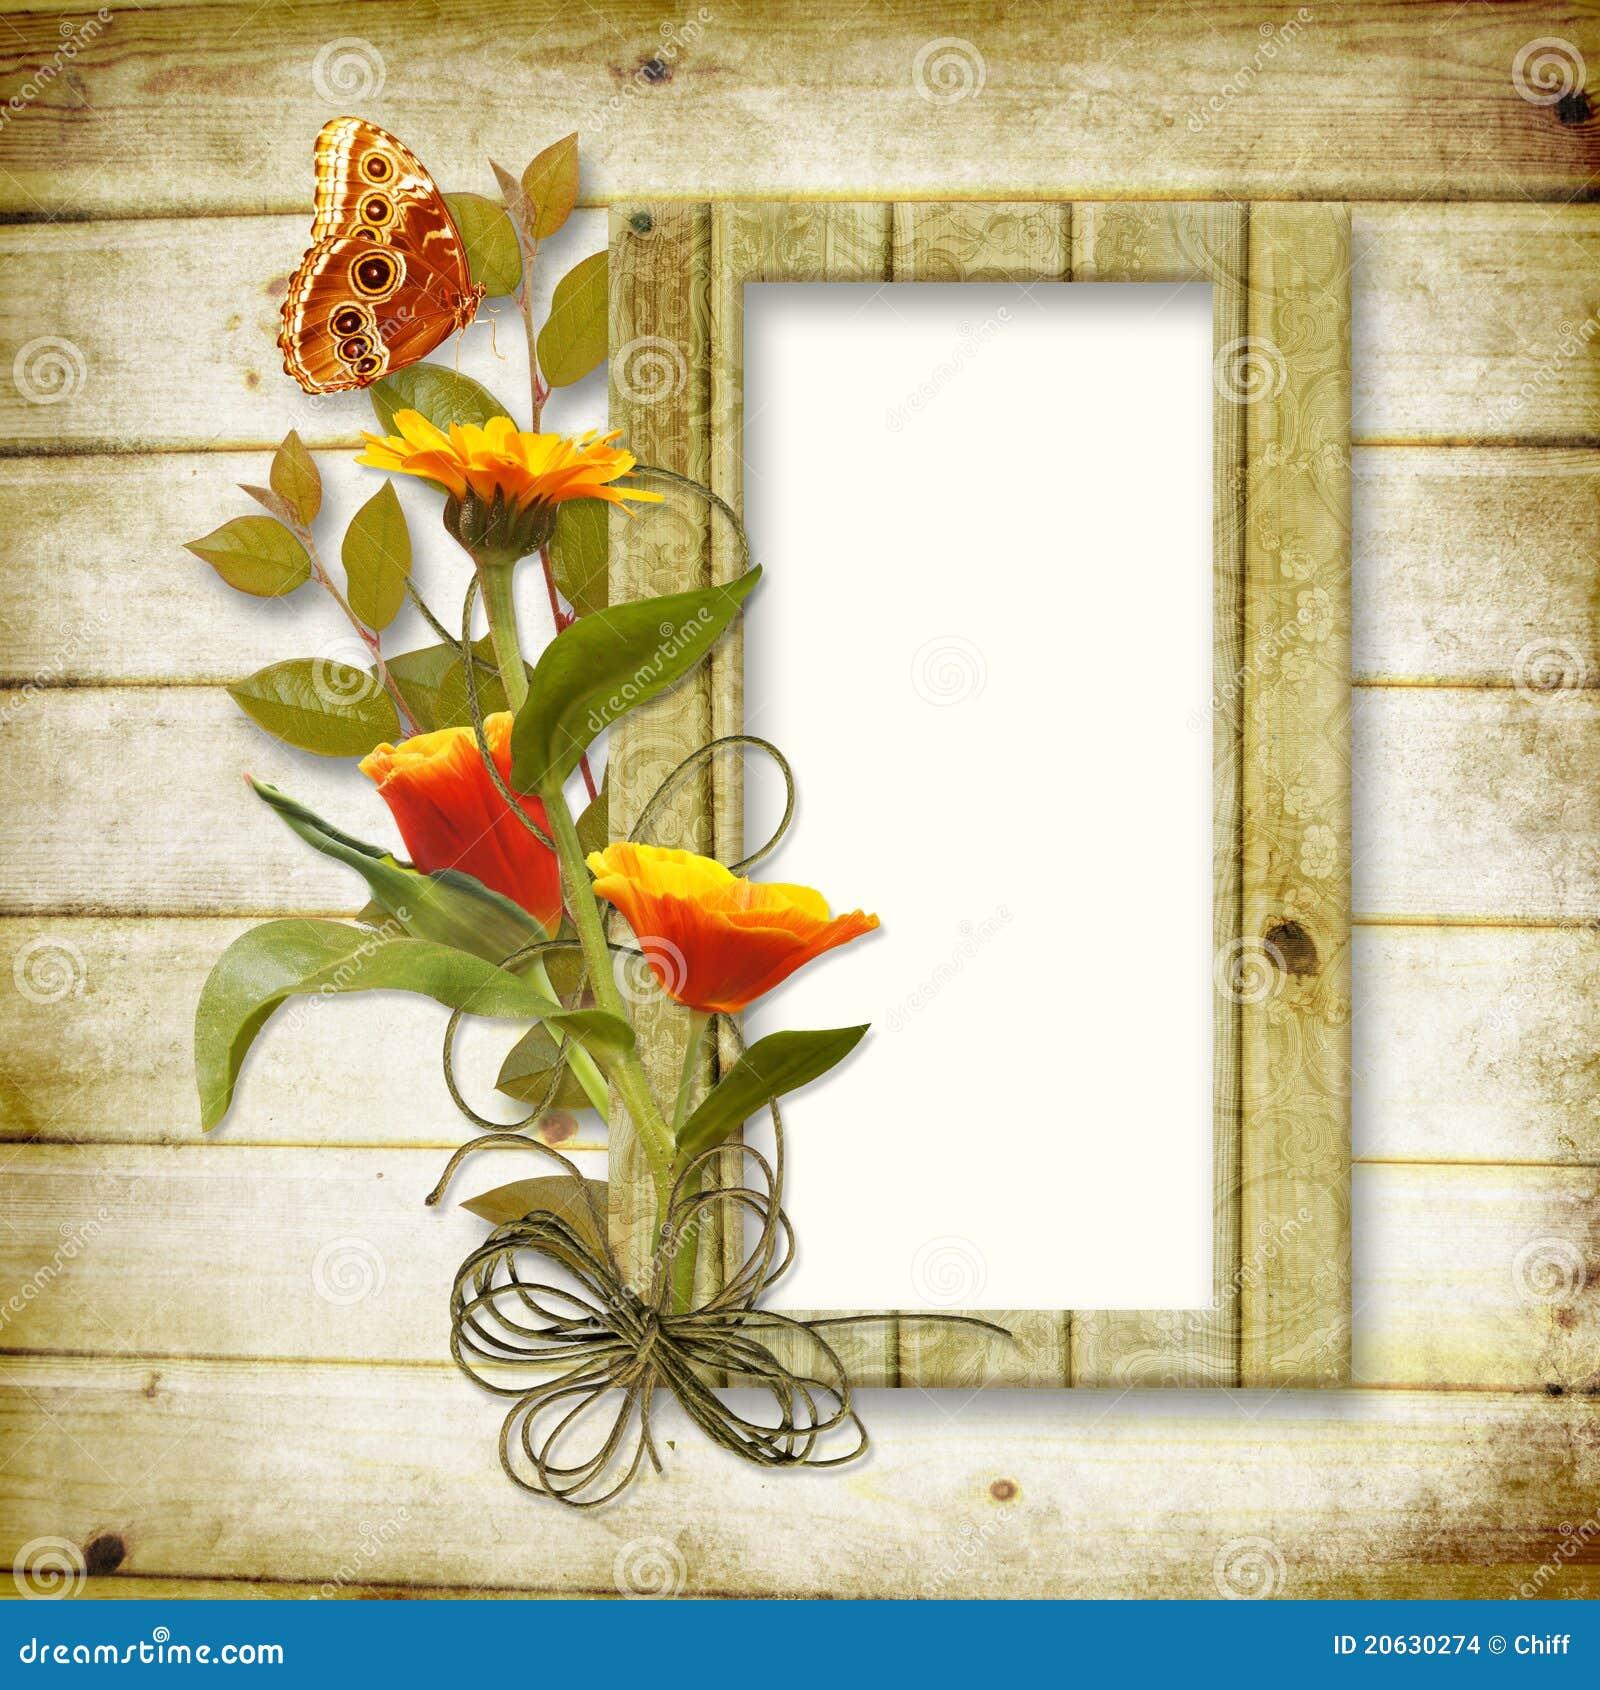 Fondo de madera con un marco para una foto y un b imagenes de archivo imagen 20630274 - Marcos de fotos madera ...